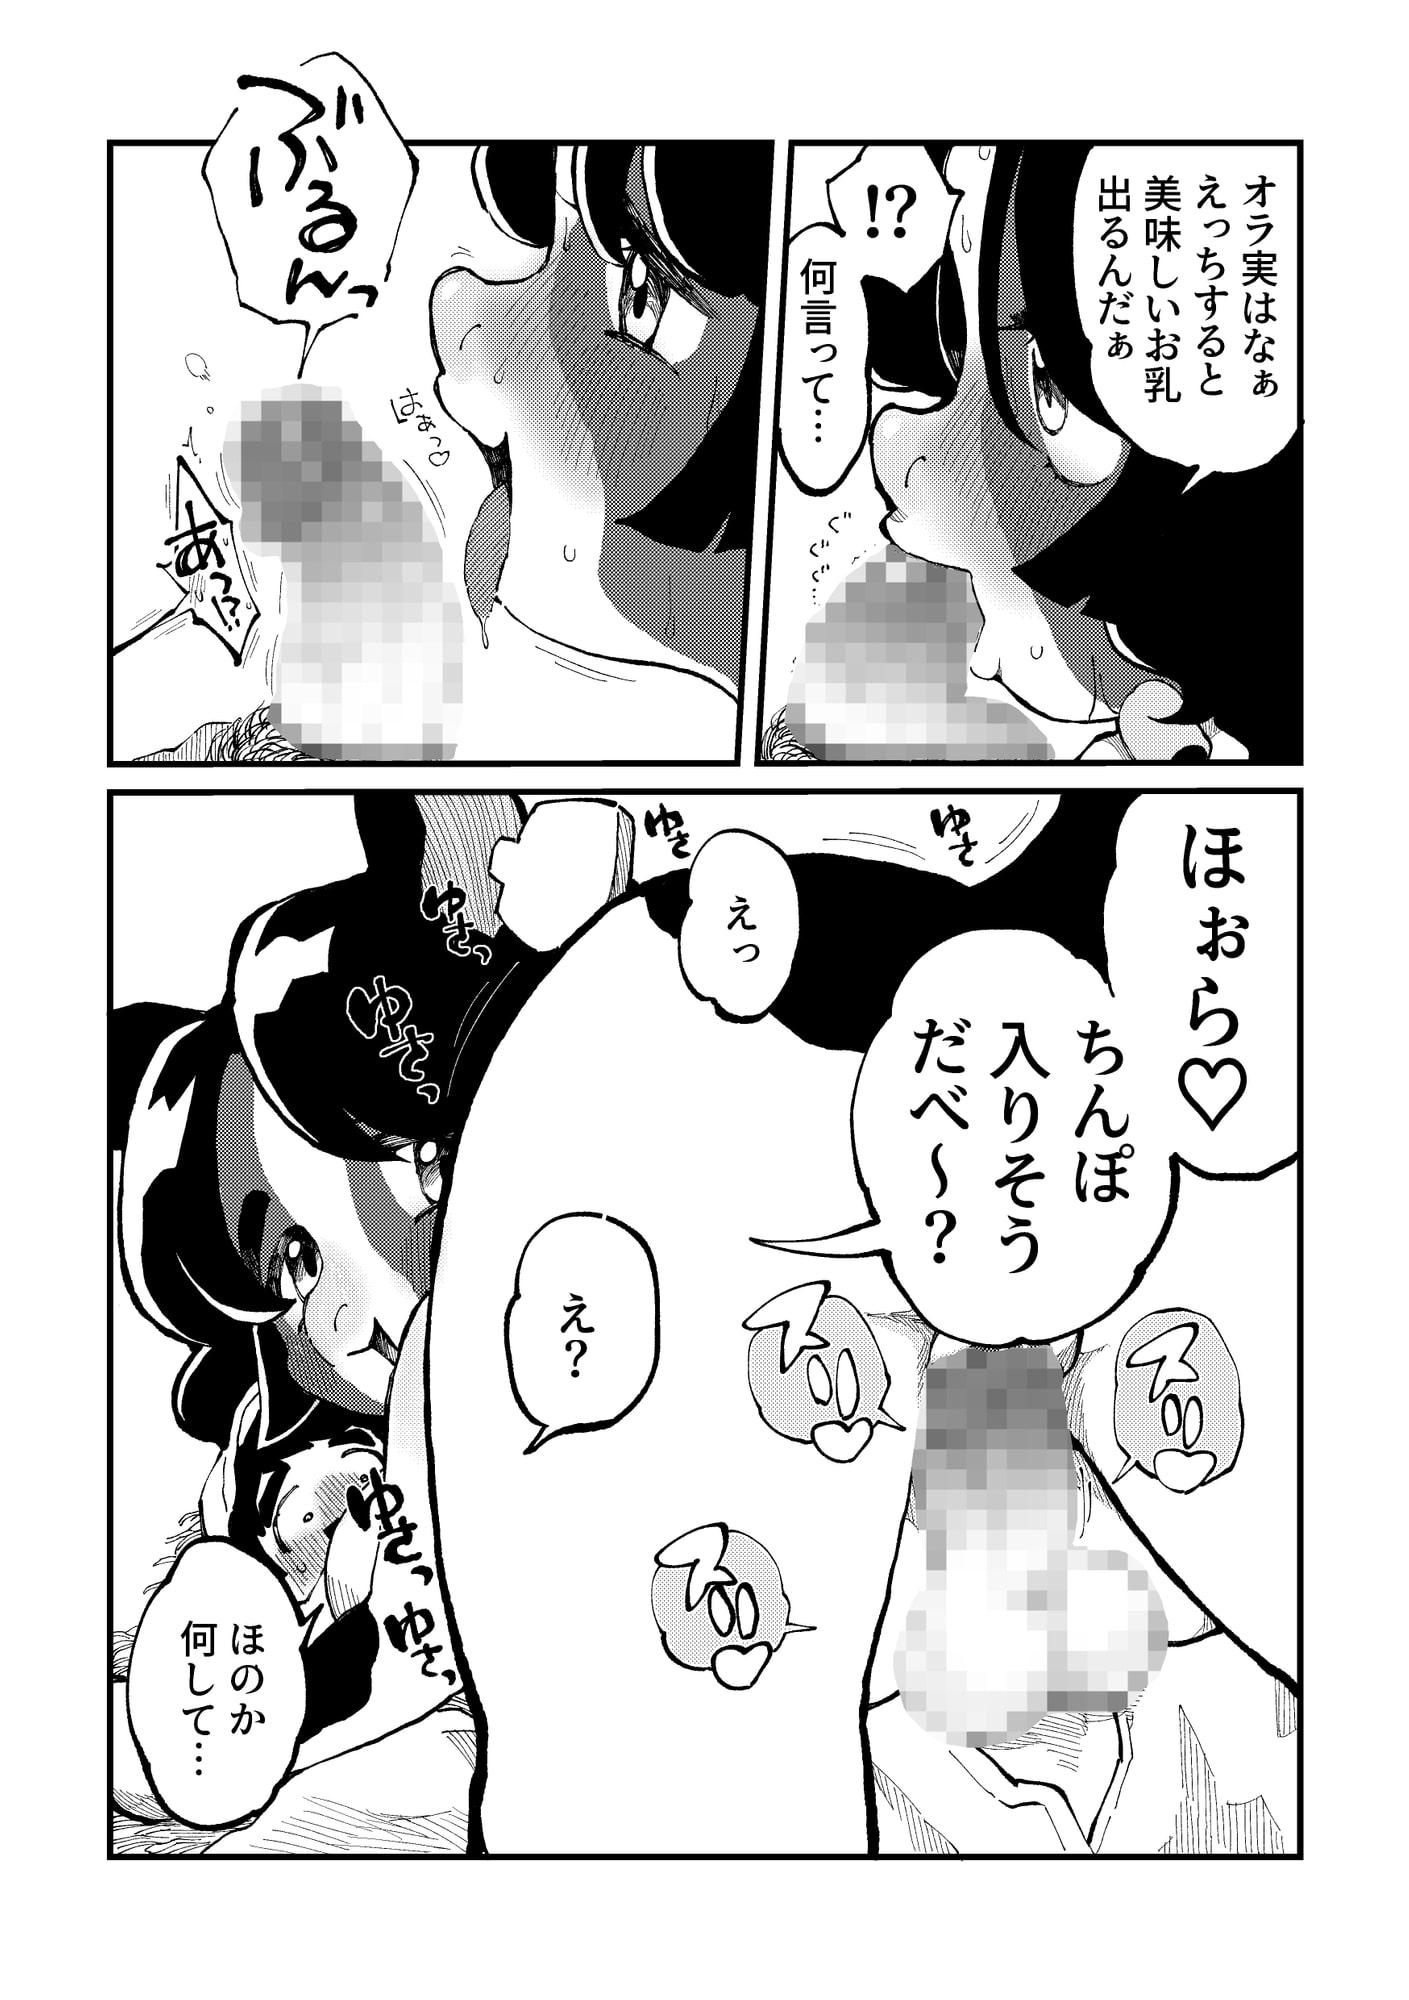 RJ343748 搾りたてほのかのミルク [20210920]